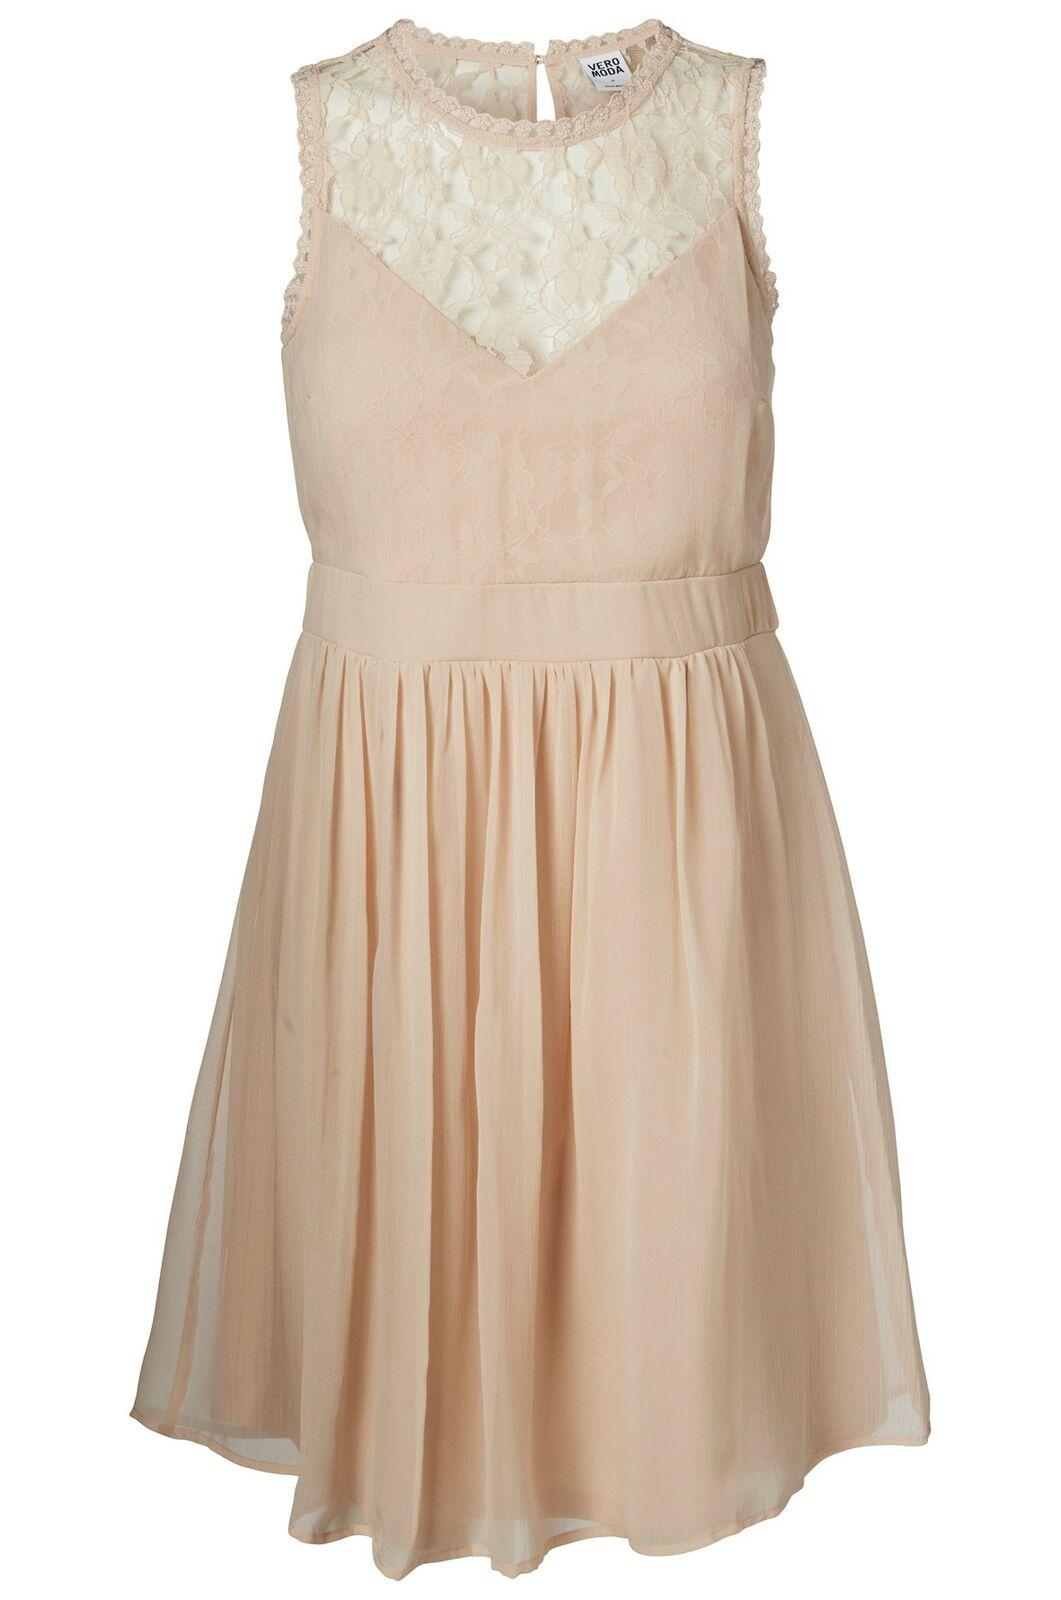 Vero Moda Kleid mit Spitze XS S M L XL VMAya Mini Dress 10149620 rosa kurz NEU